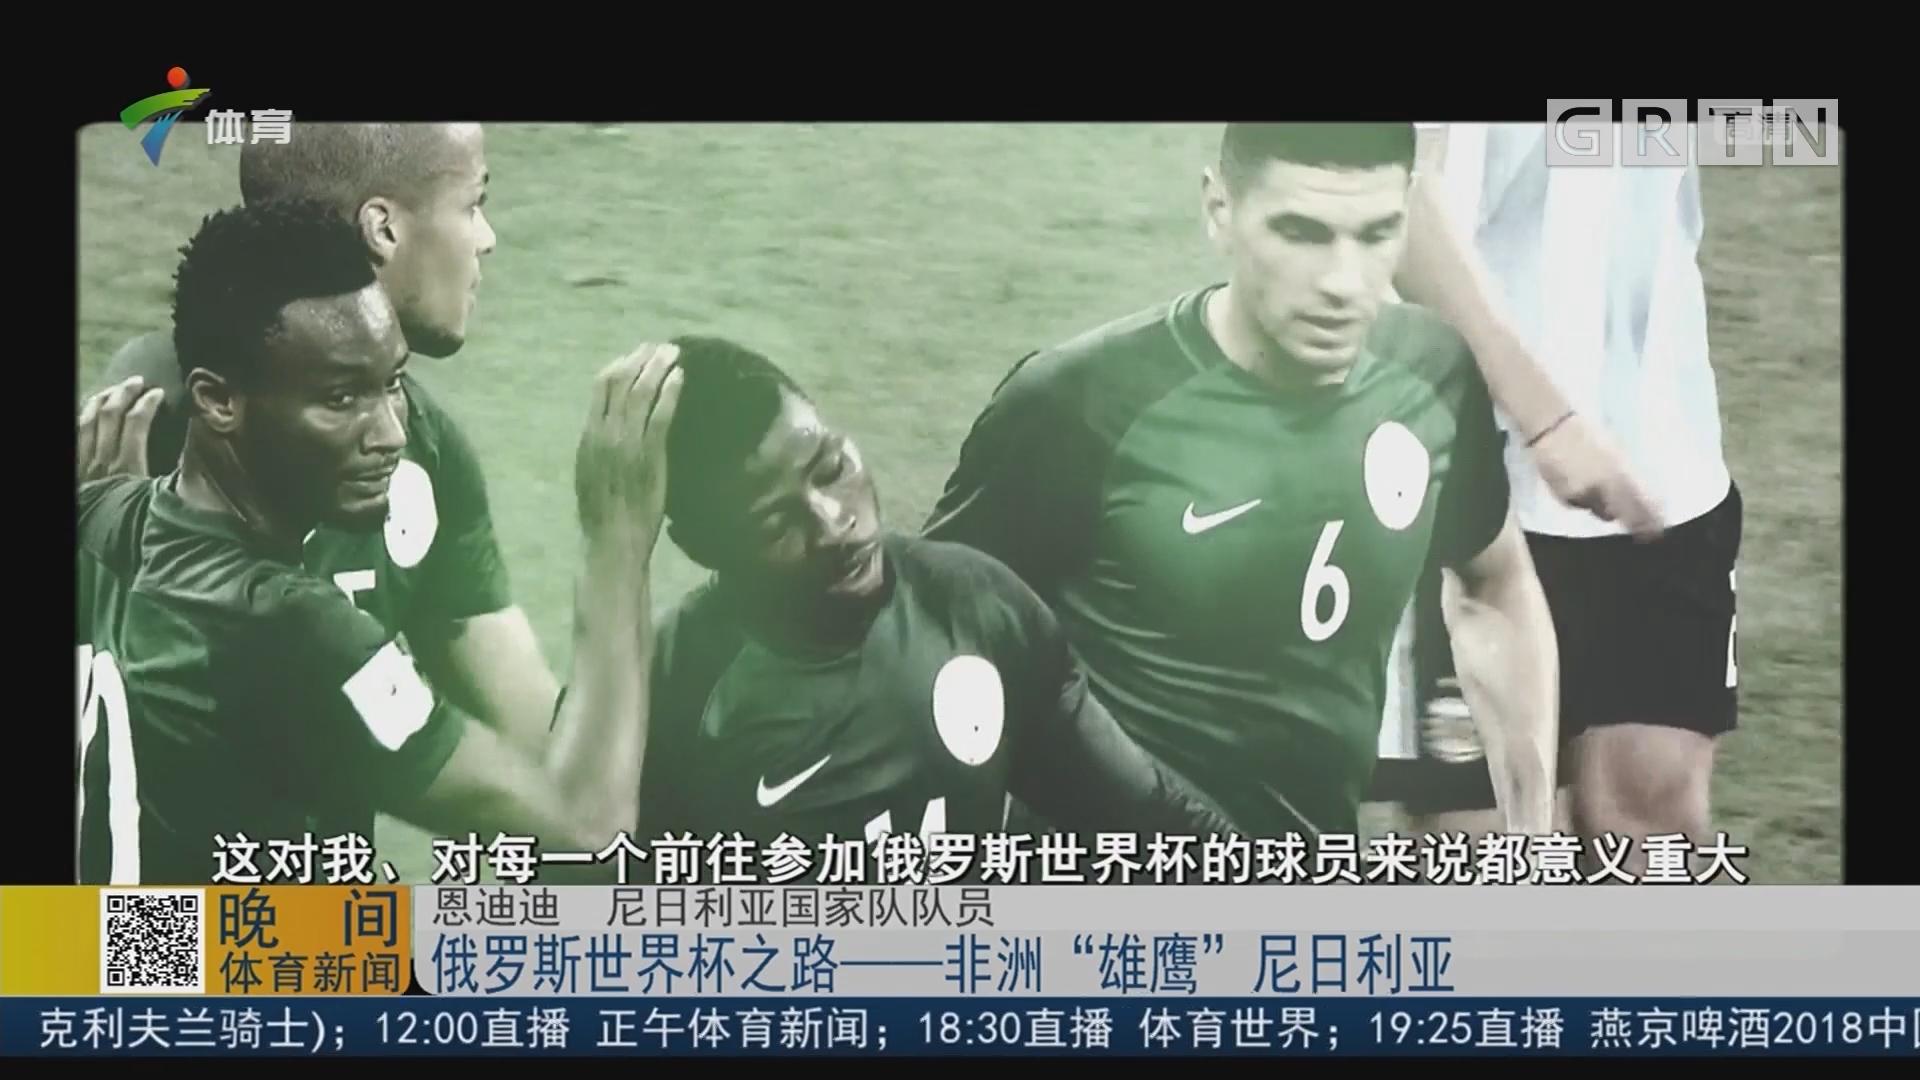 """俄罗斯世界杯之路——非洲""""雄鹰""""尼日利亚"""